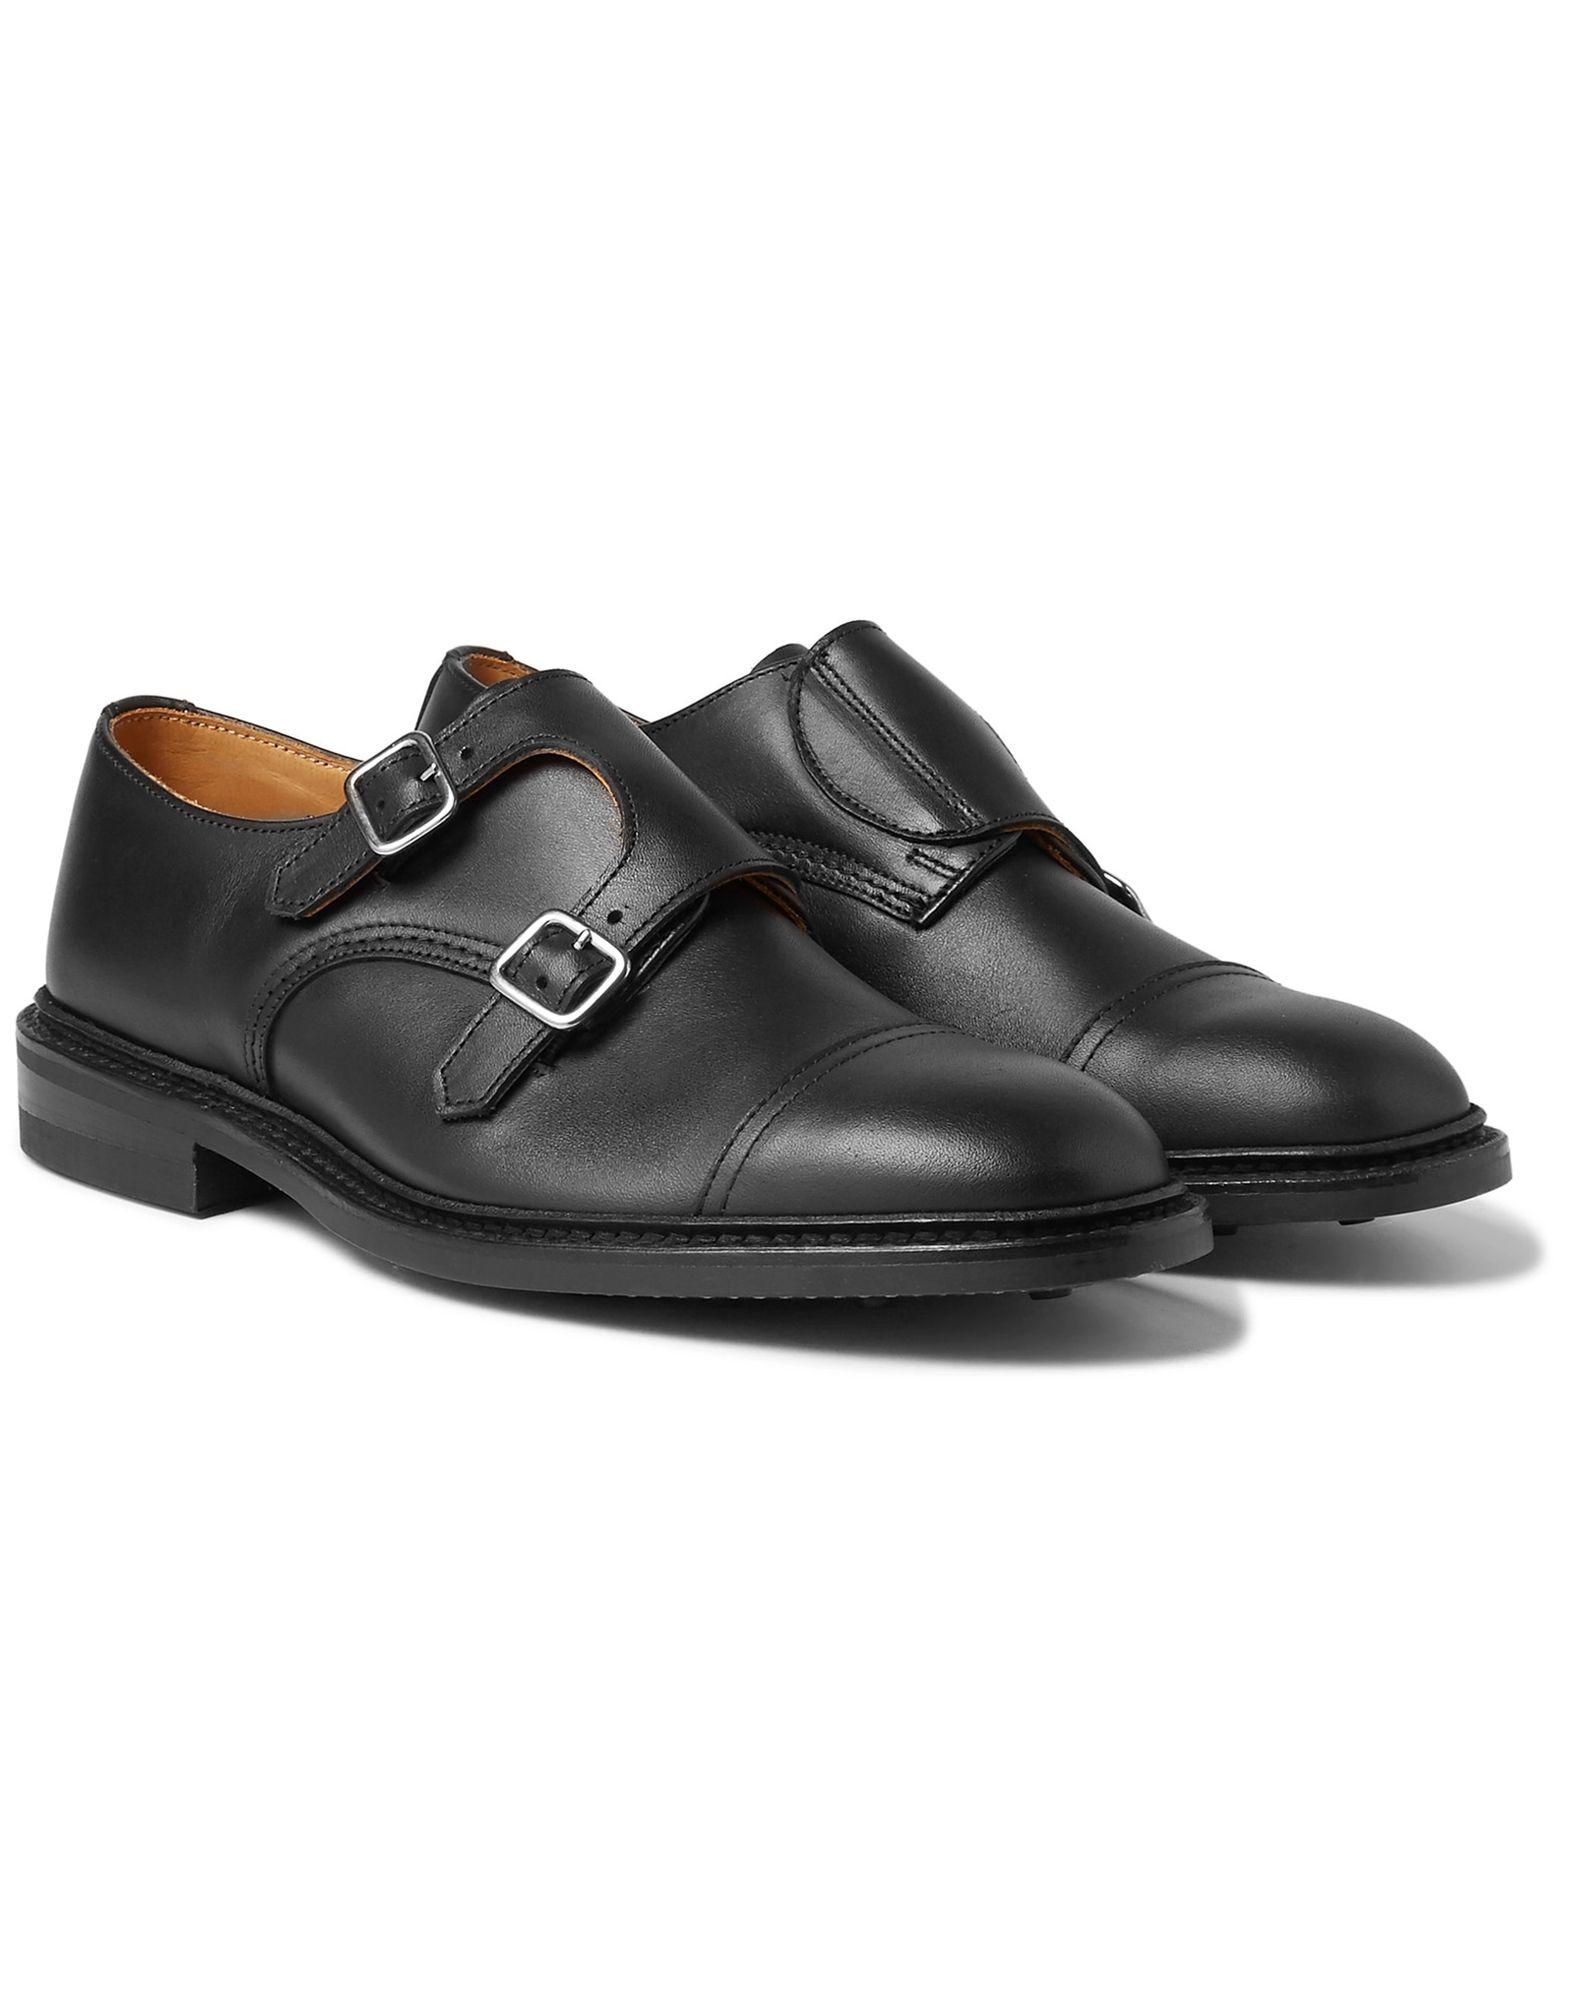 Tricker's Mokassins Herren  11540629NF Gute Qualität beliebte Schuhe